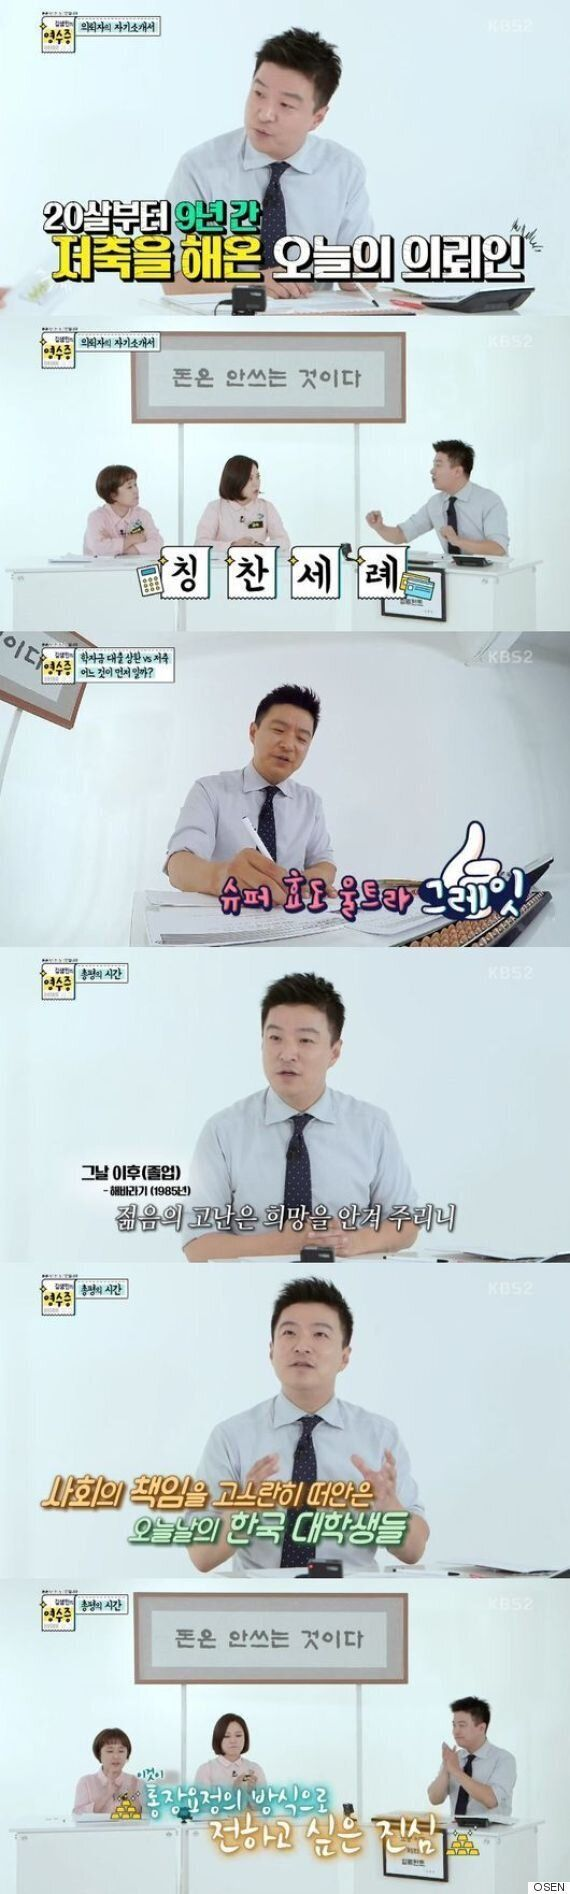 [어저께TV] '영수증' 김생민이 청춘들을 응원하는